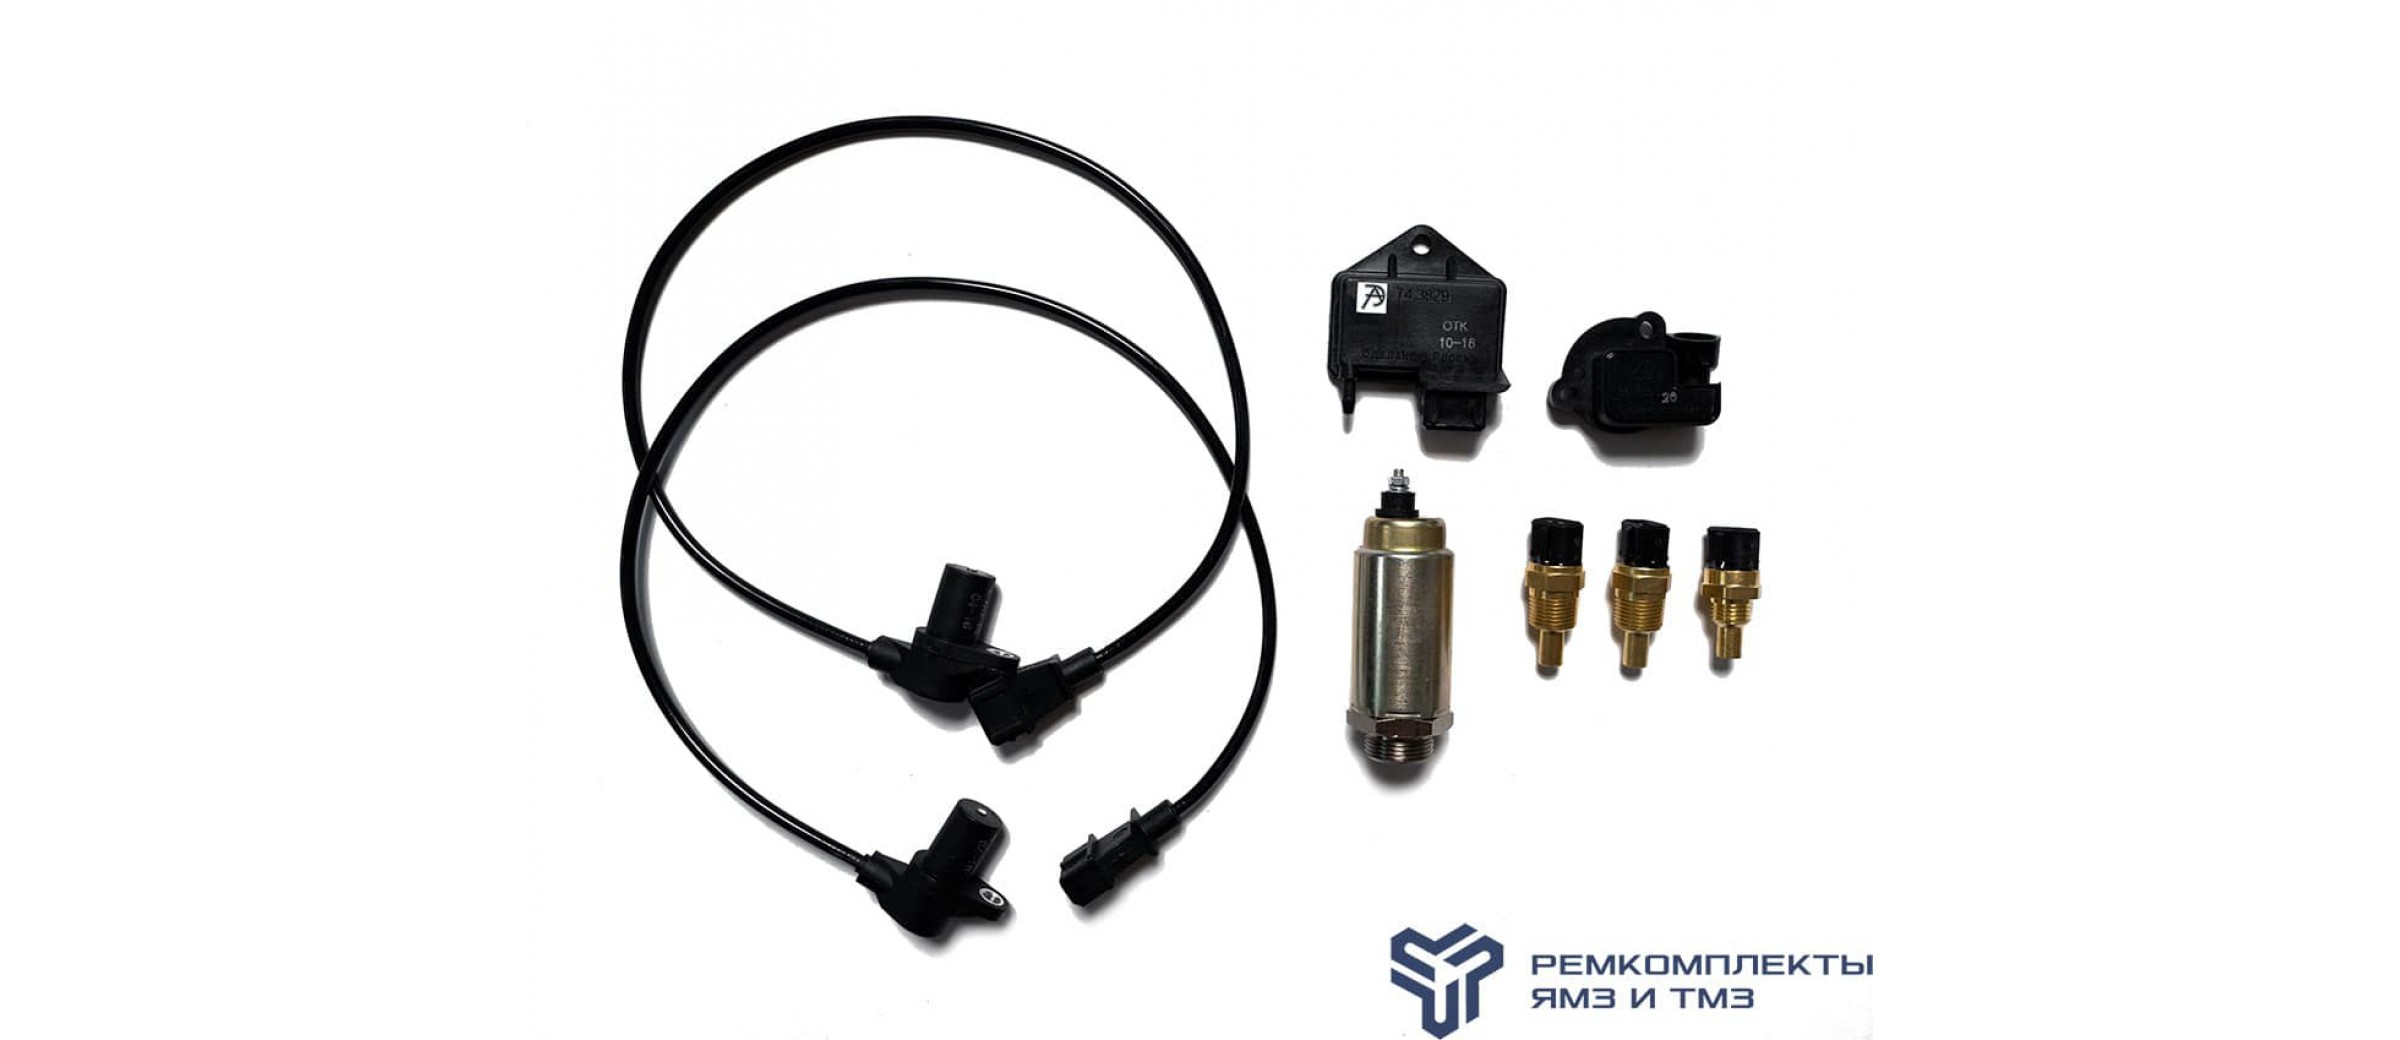 Комплект датчиков для двигателя ЯМЗ 6561-6583